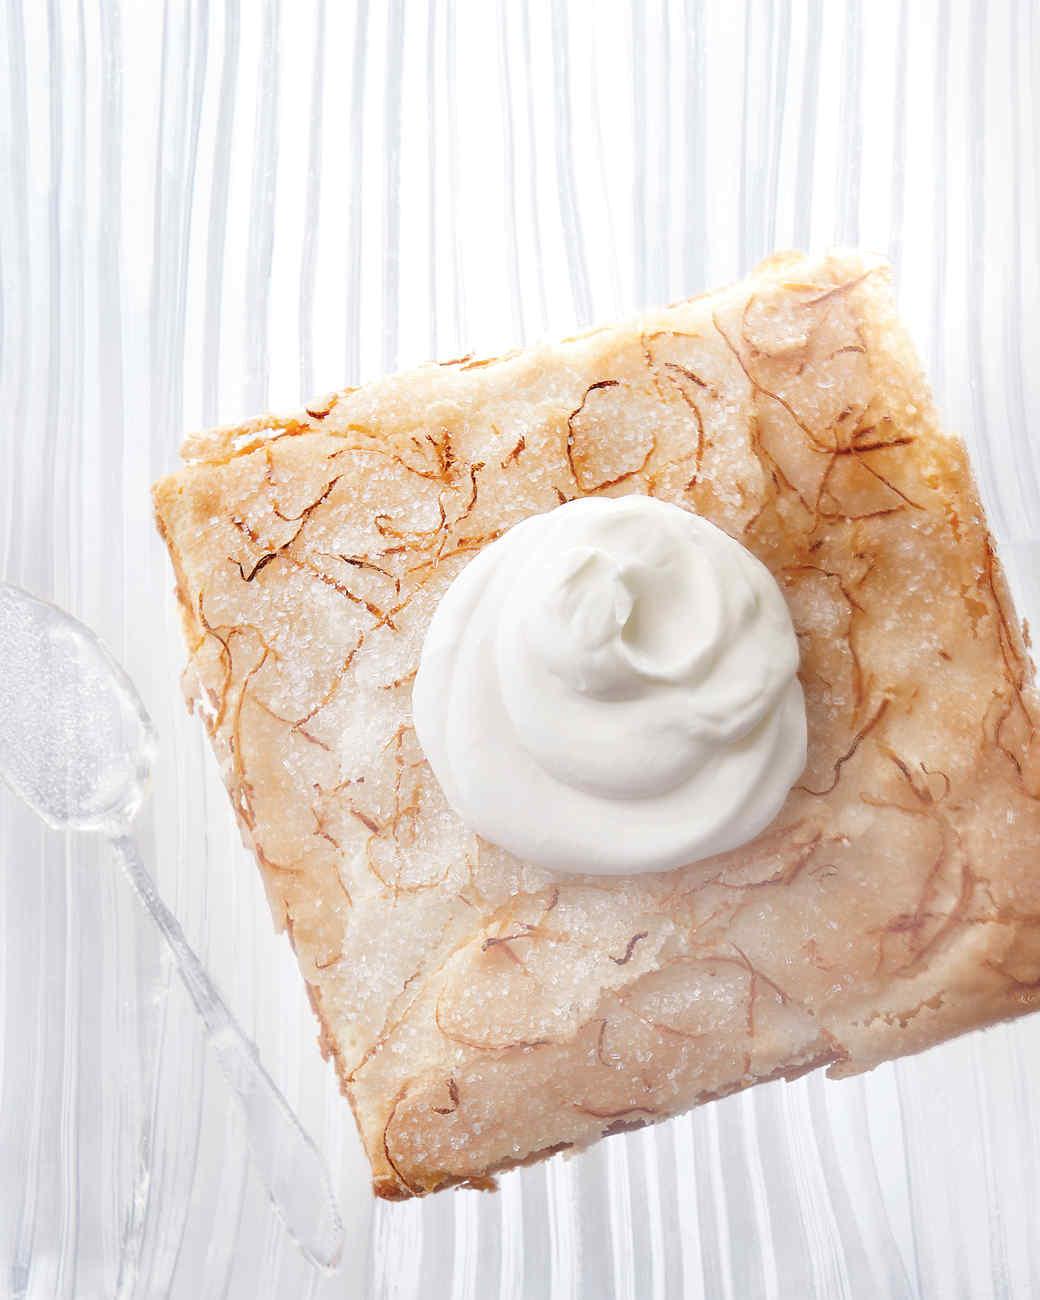 lemon-crunch-cake-131-d112435.jpg